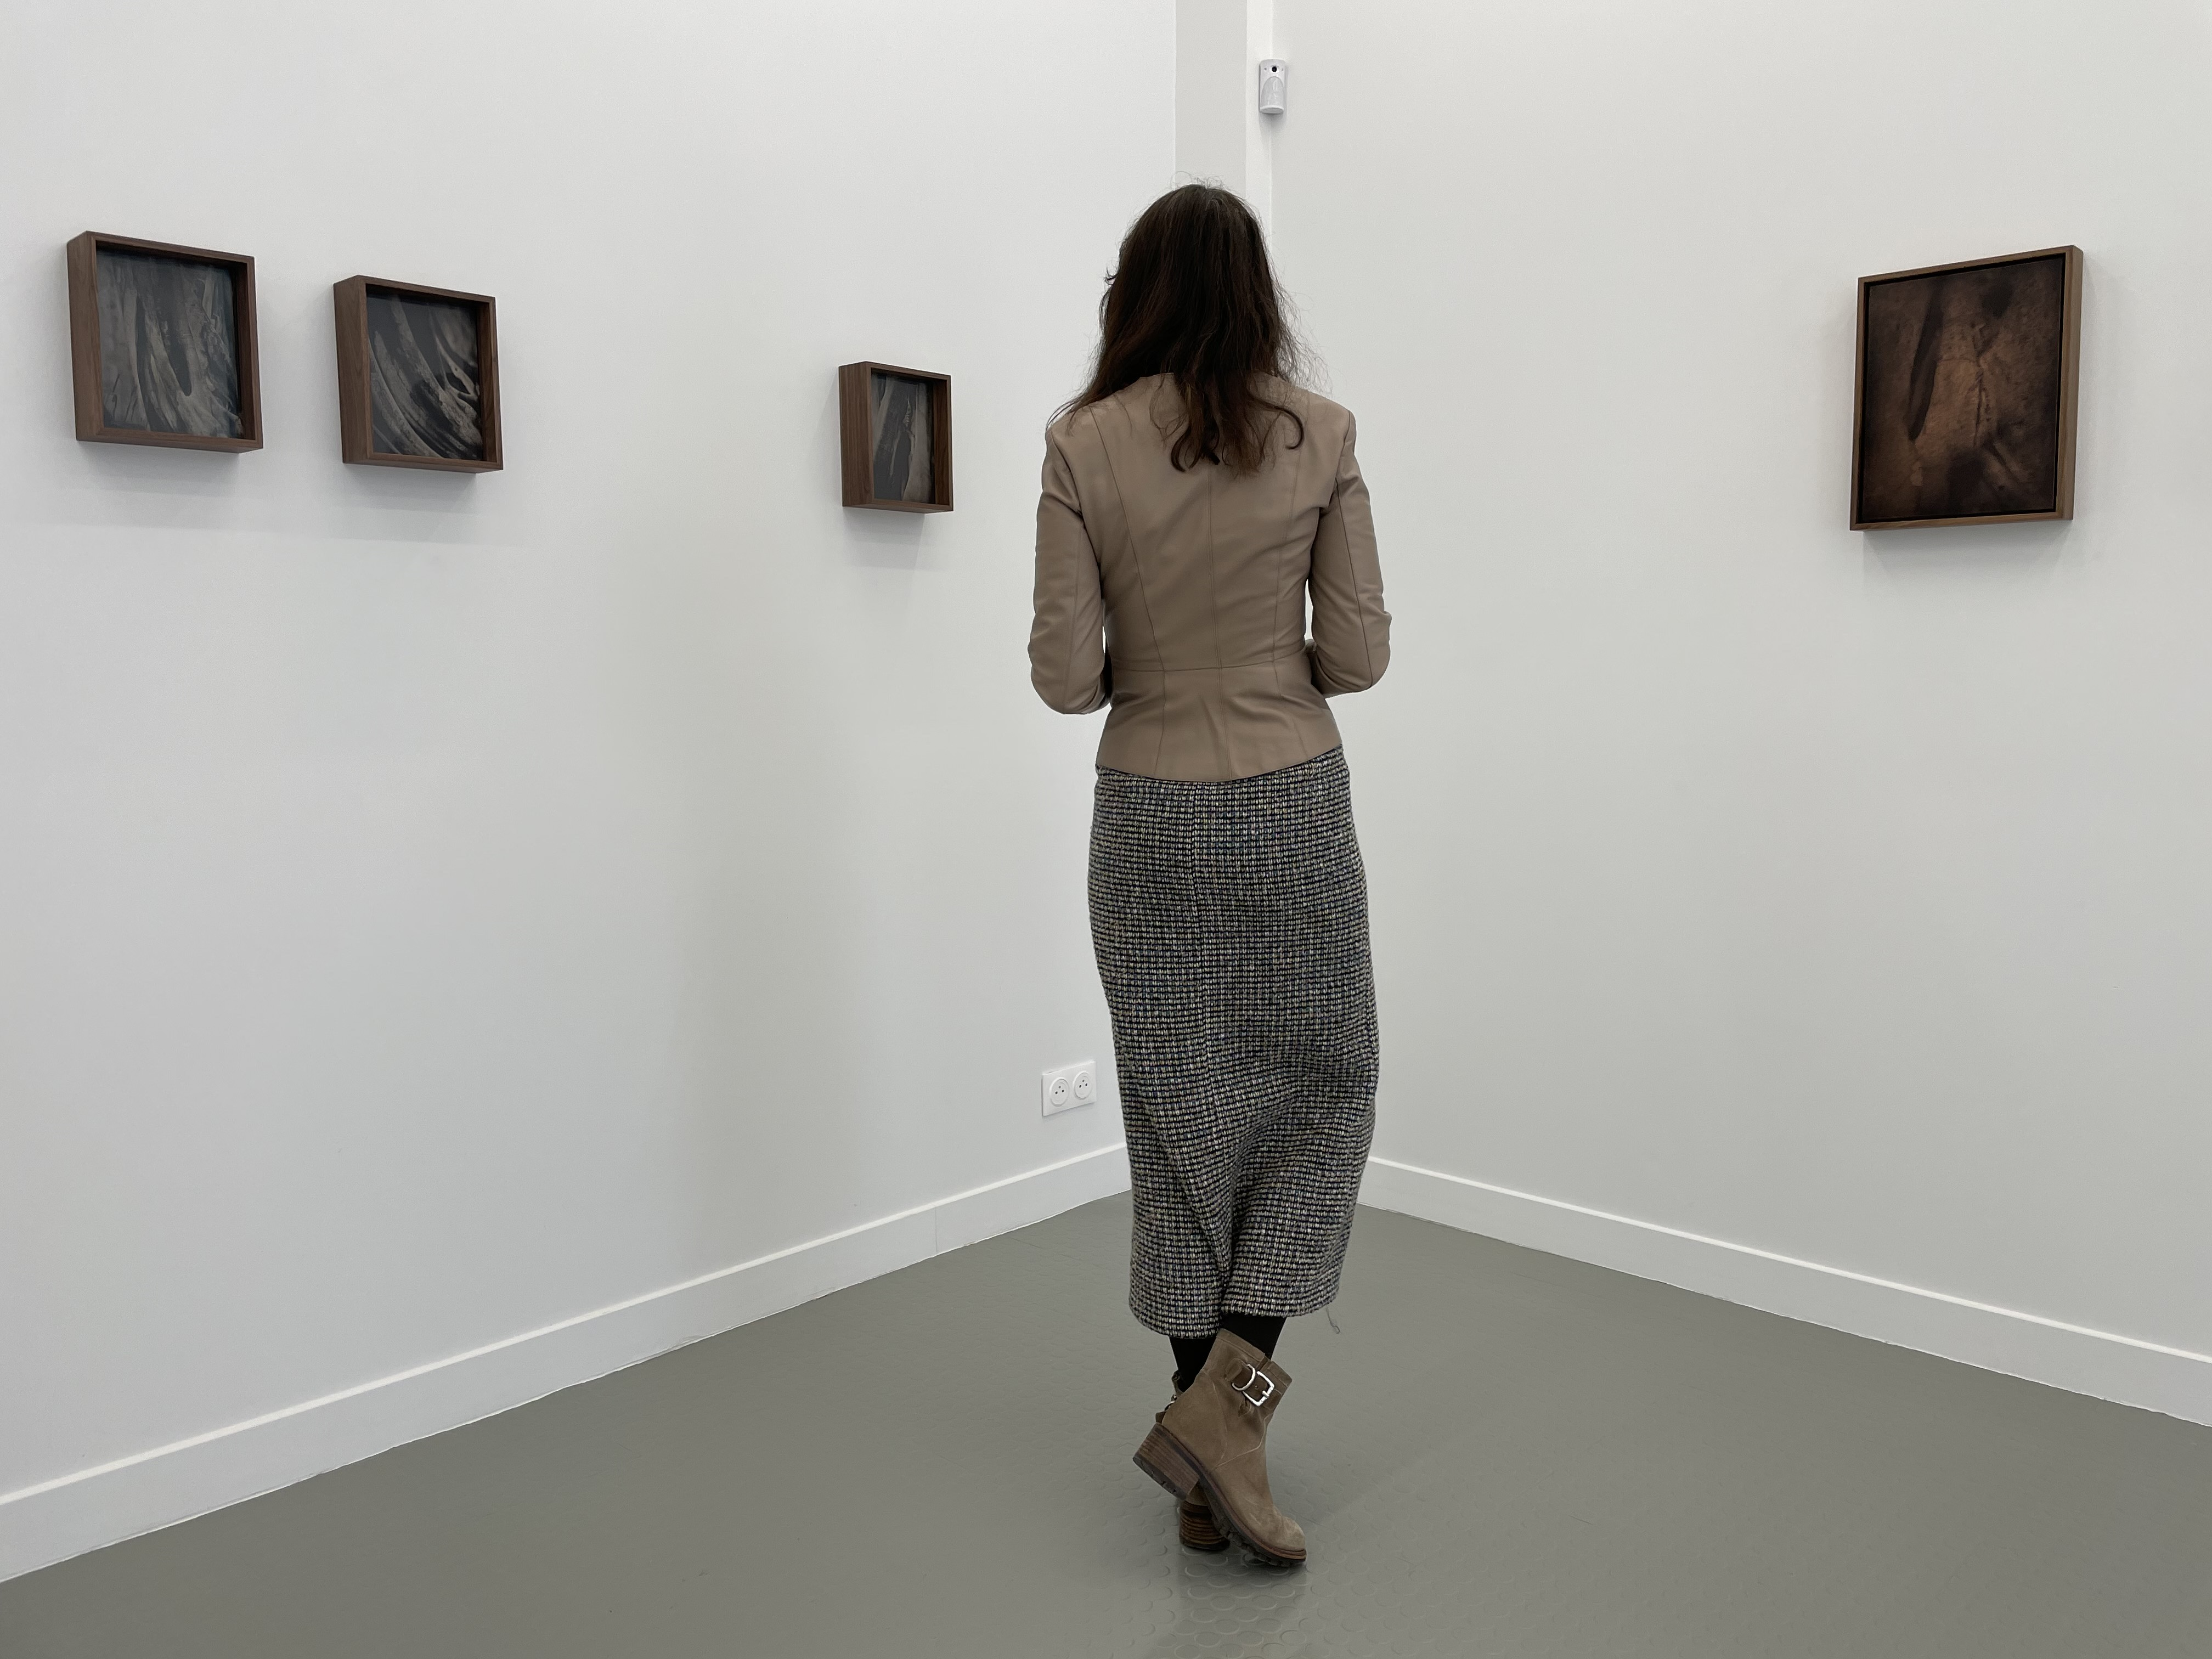 MARTÍN SOTO CLIMENT - vue d'ensemble - Galerie Andréhn-Schiptjenko Paris